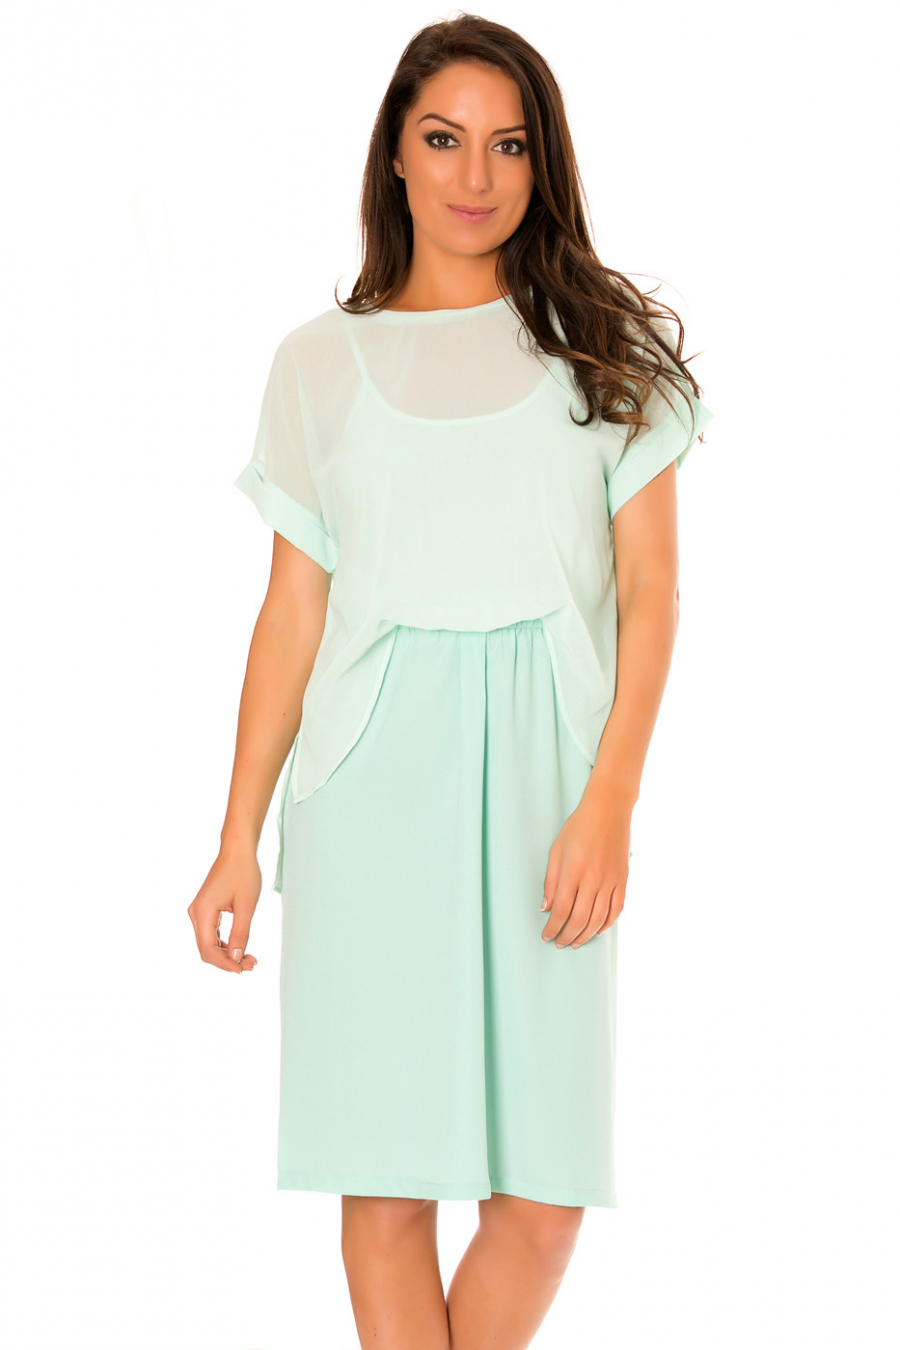 Robe vert d'eau en voilage, style 2 pièces jupe et top. F5562